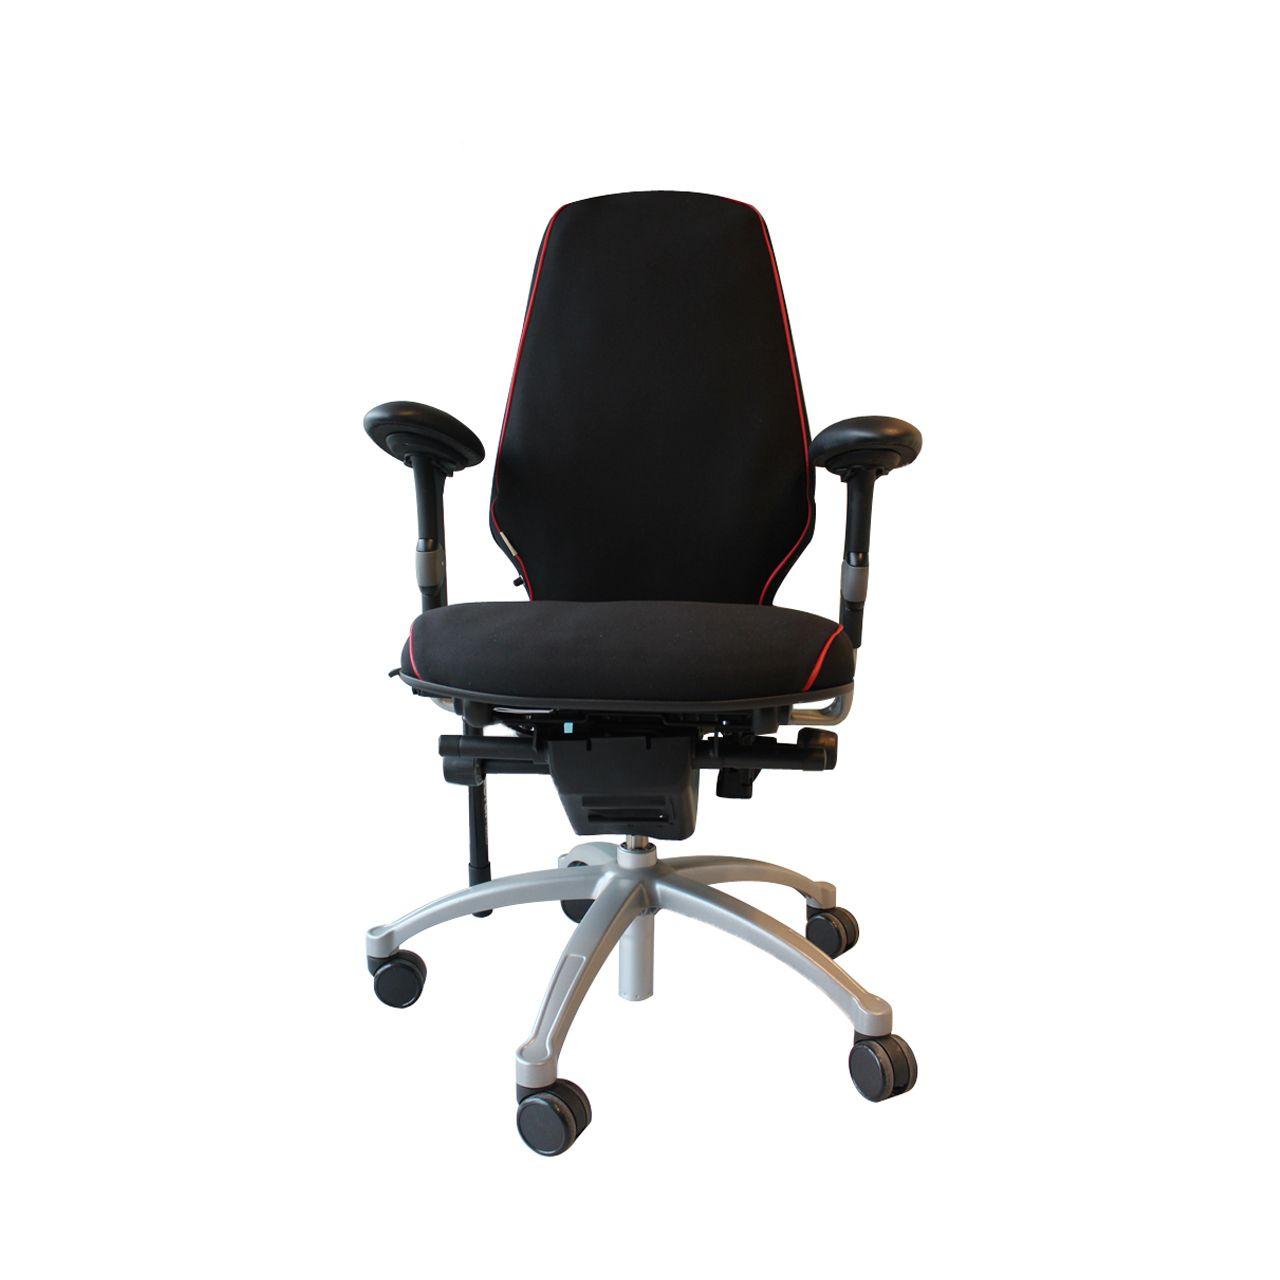 Ergoshape ergonomische bureaustoel voorkant